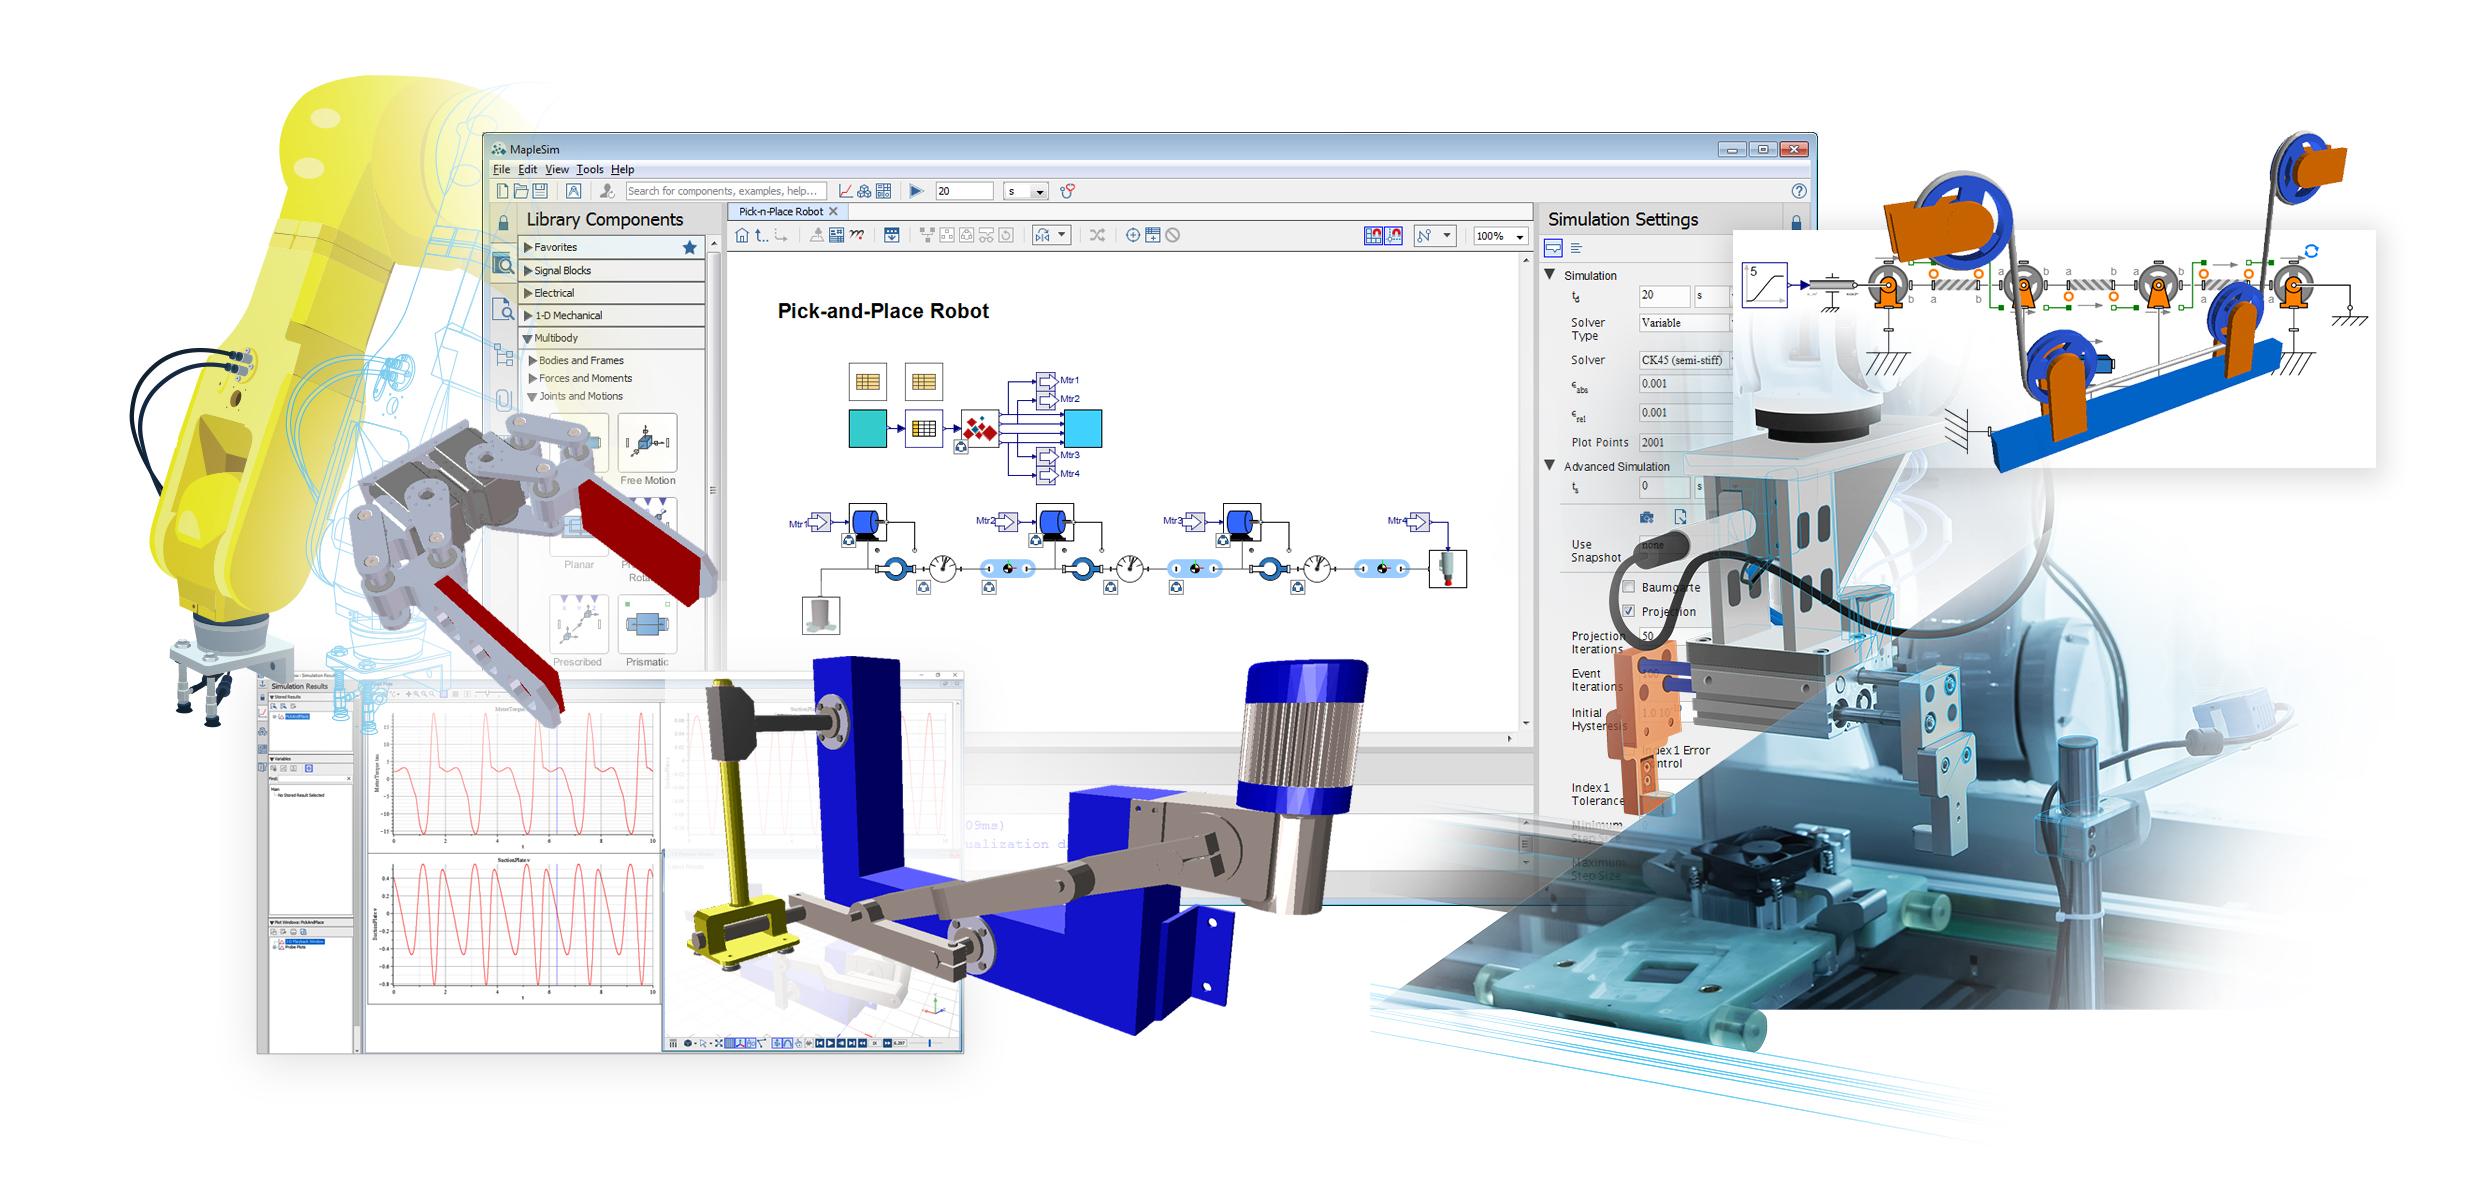 Las nuevas soluciones llave en mano de Maplesoft brindan soluciones de puesta en servicio virtual de servicio completo a los fabricantes de máquinas